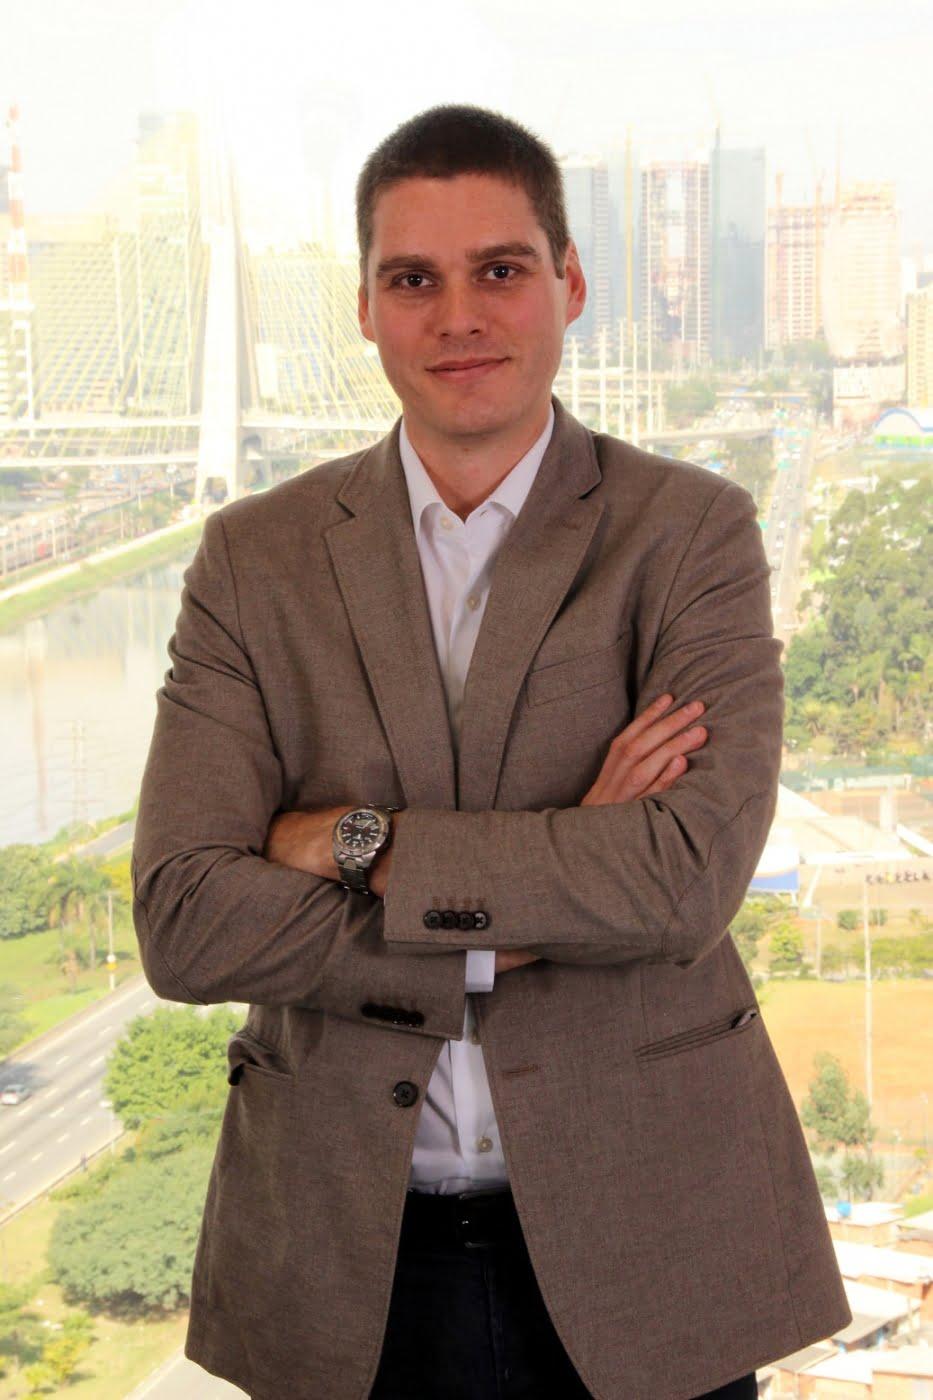 Fabio Boucinhas trocou o negócio da família pela carreira executiva para trocá-la agora por um negócio próprio com a seguinte visão: investir na felicidade dos colaboradores para que eles atendam melhor os clientes